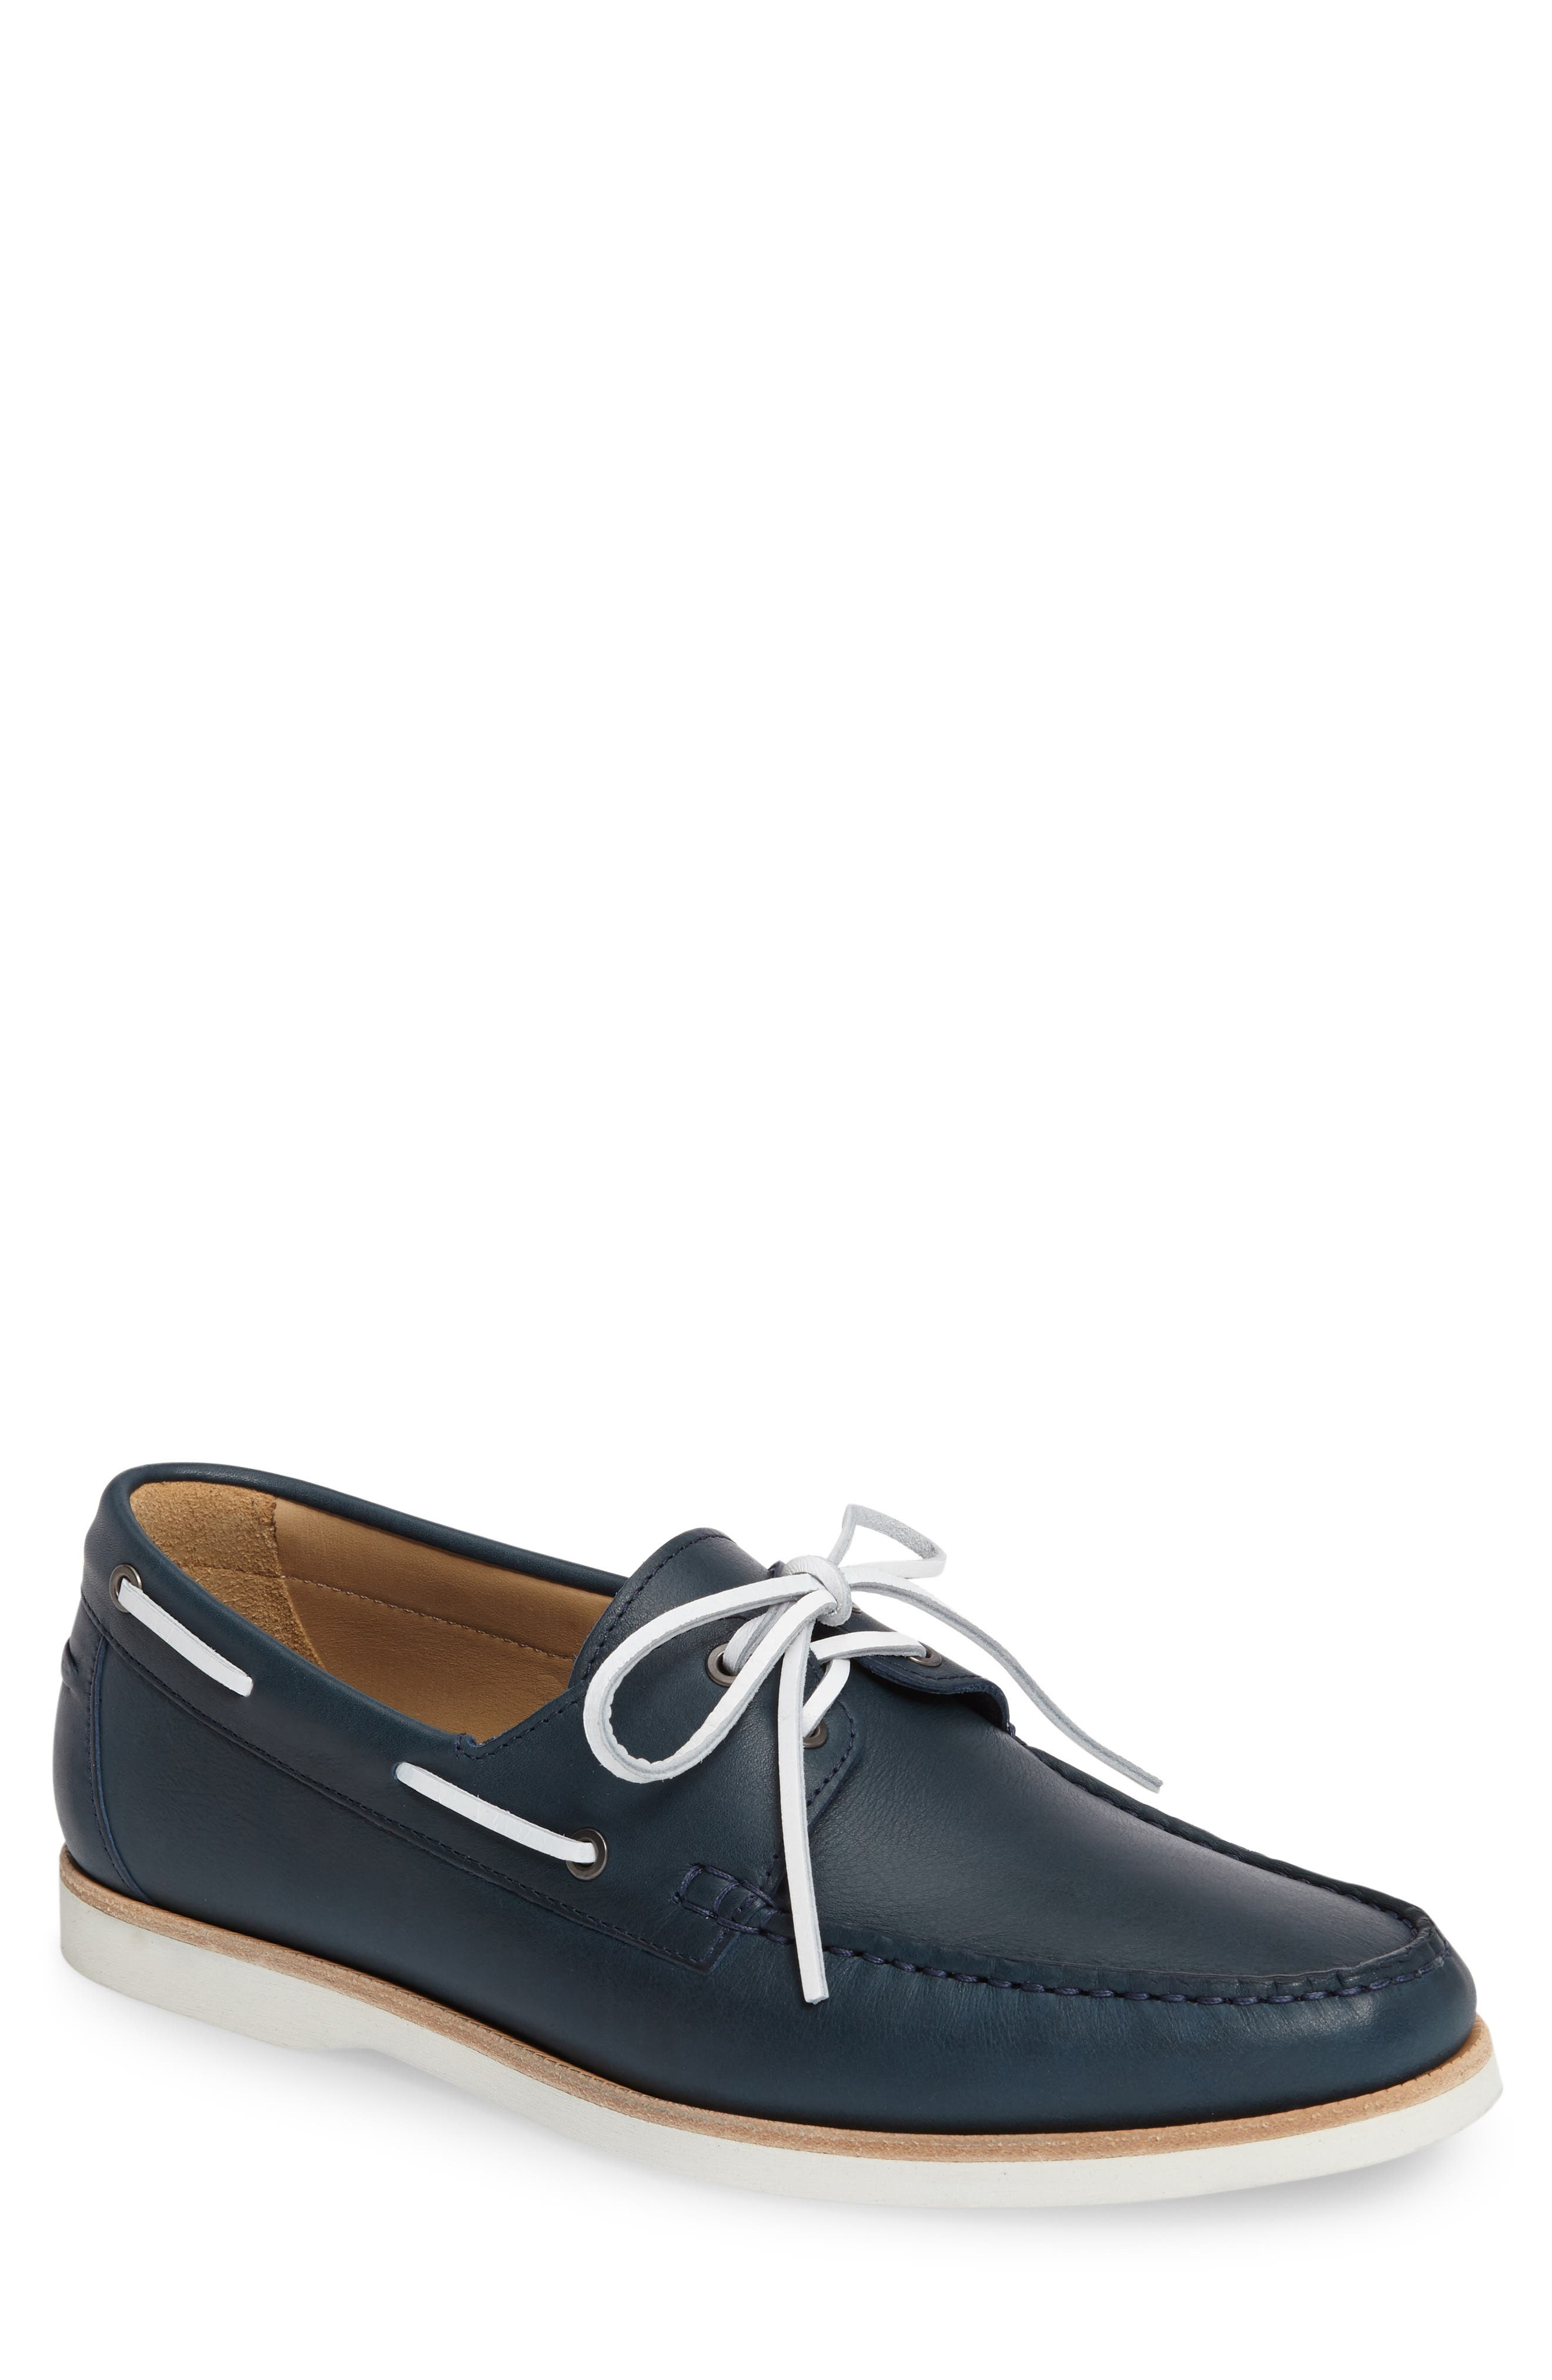 JACK ERWIN Cooper Boat Shoe (Men)